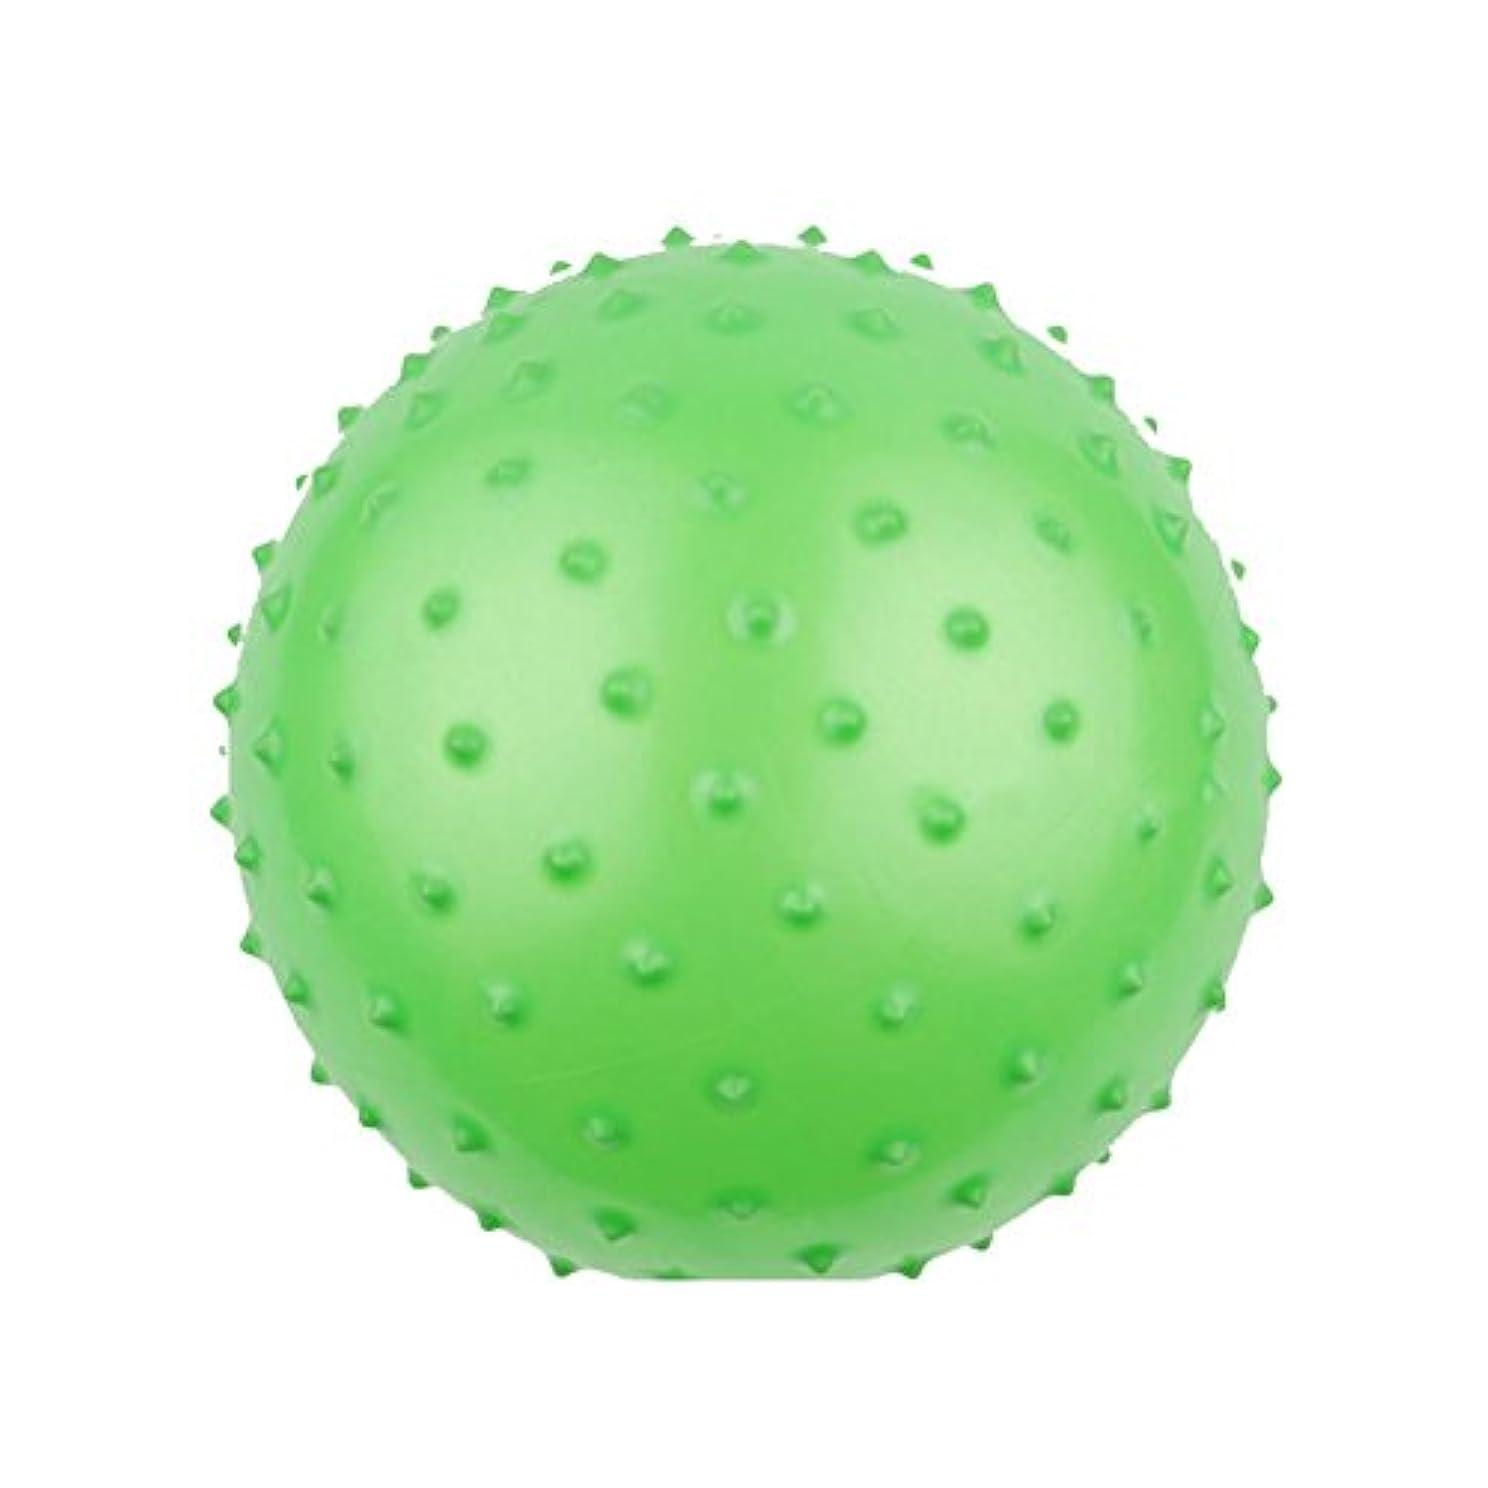 デザイナー兄弟愛これらLiebeye 野球ボール 素敵な野球ボールマッサージボールキッズインフレータブルおもちゃのギフト装飾品(ランダムカラー) 28cmマッサージボール